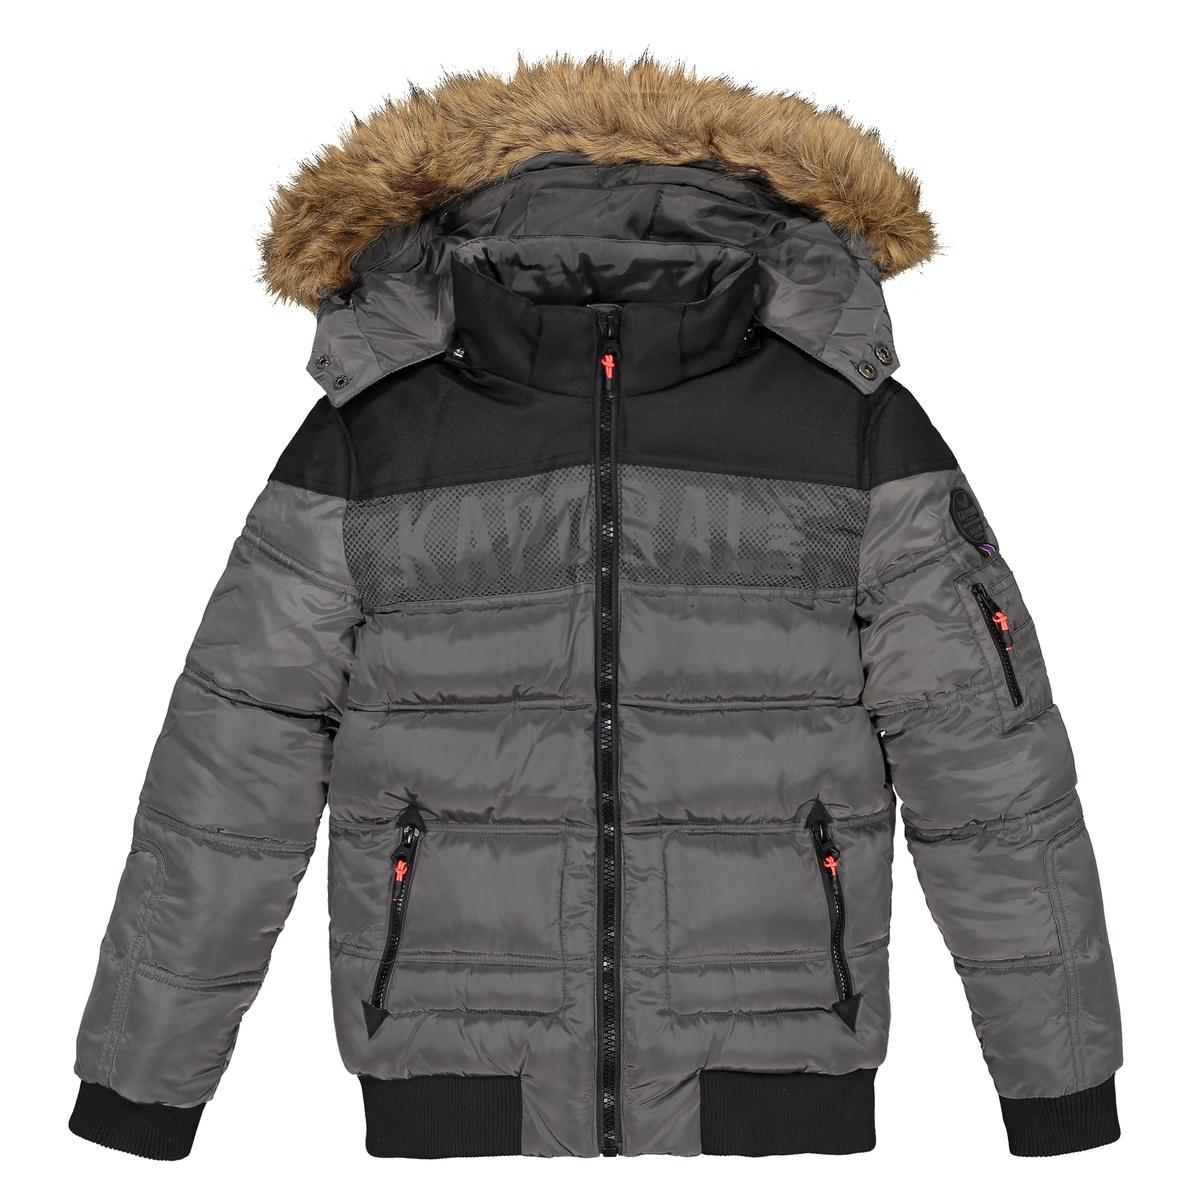 Куртка La Redoute Стеганая с капюшоном 16 лет - 174 см серый пуховая стеганая куртка с капюшоном